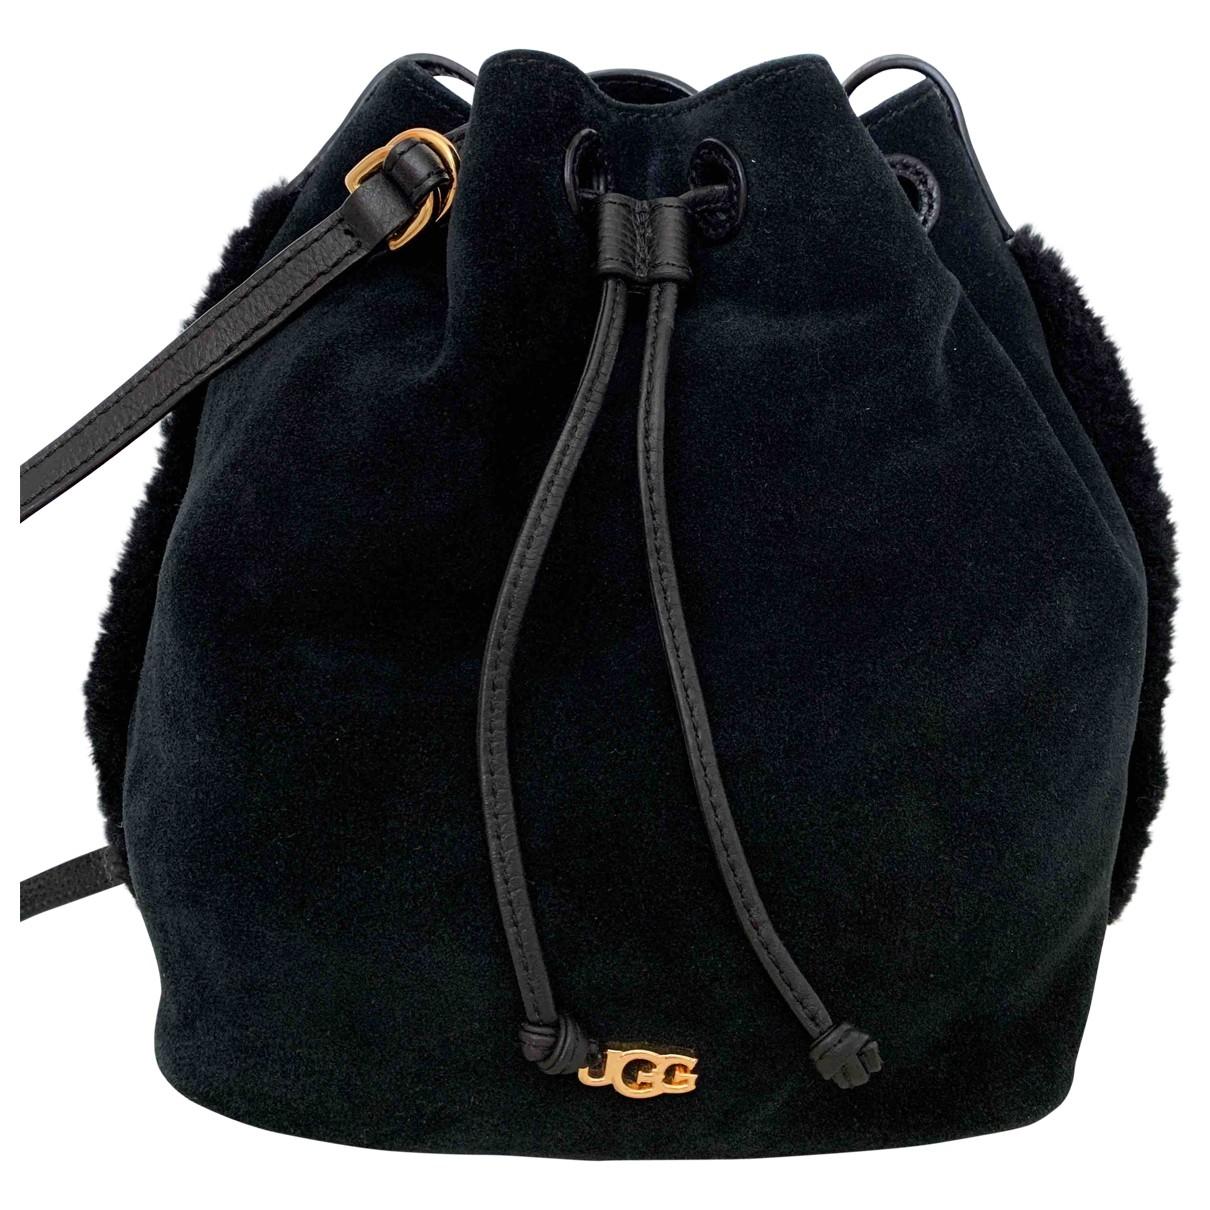 Ugg \N Black Suede handbag for Women \N